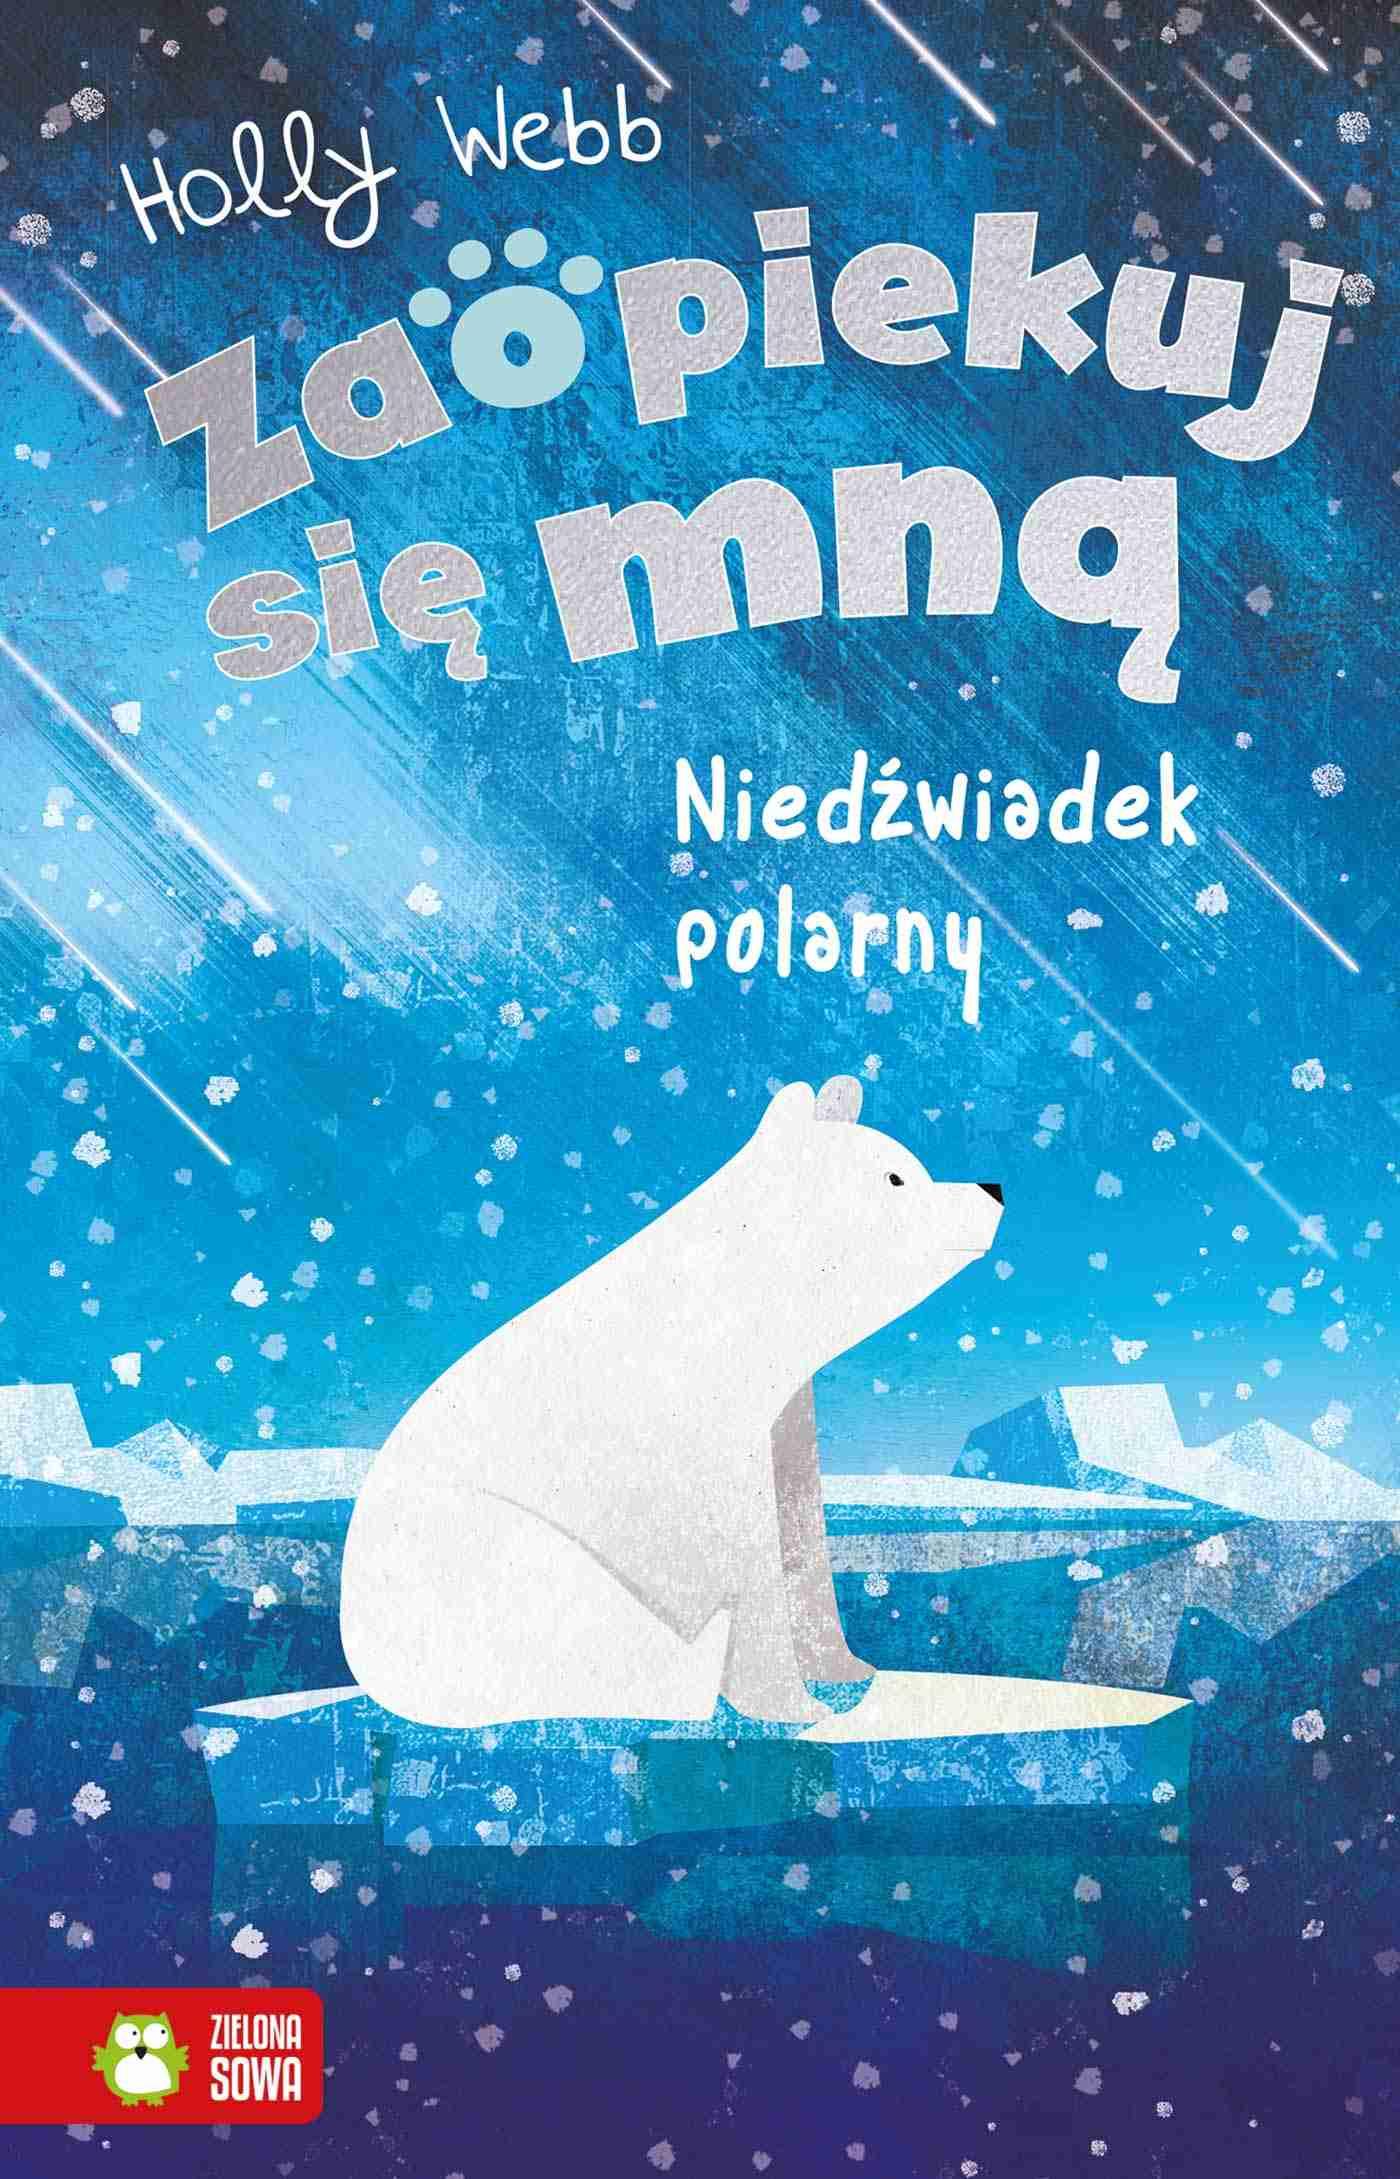 Niedźwiadek polarny - Ebook (Książka na Kindle) do pobrania w formacie MOBI